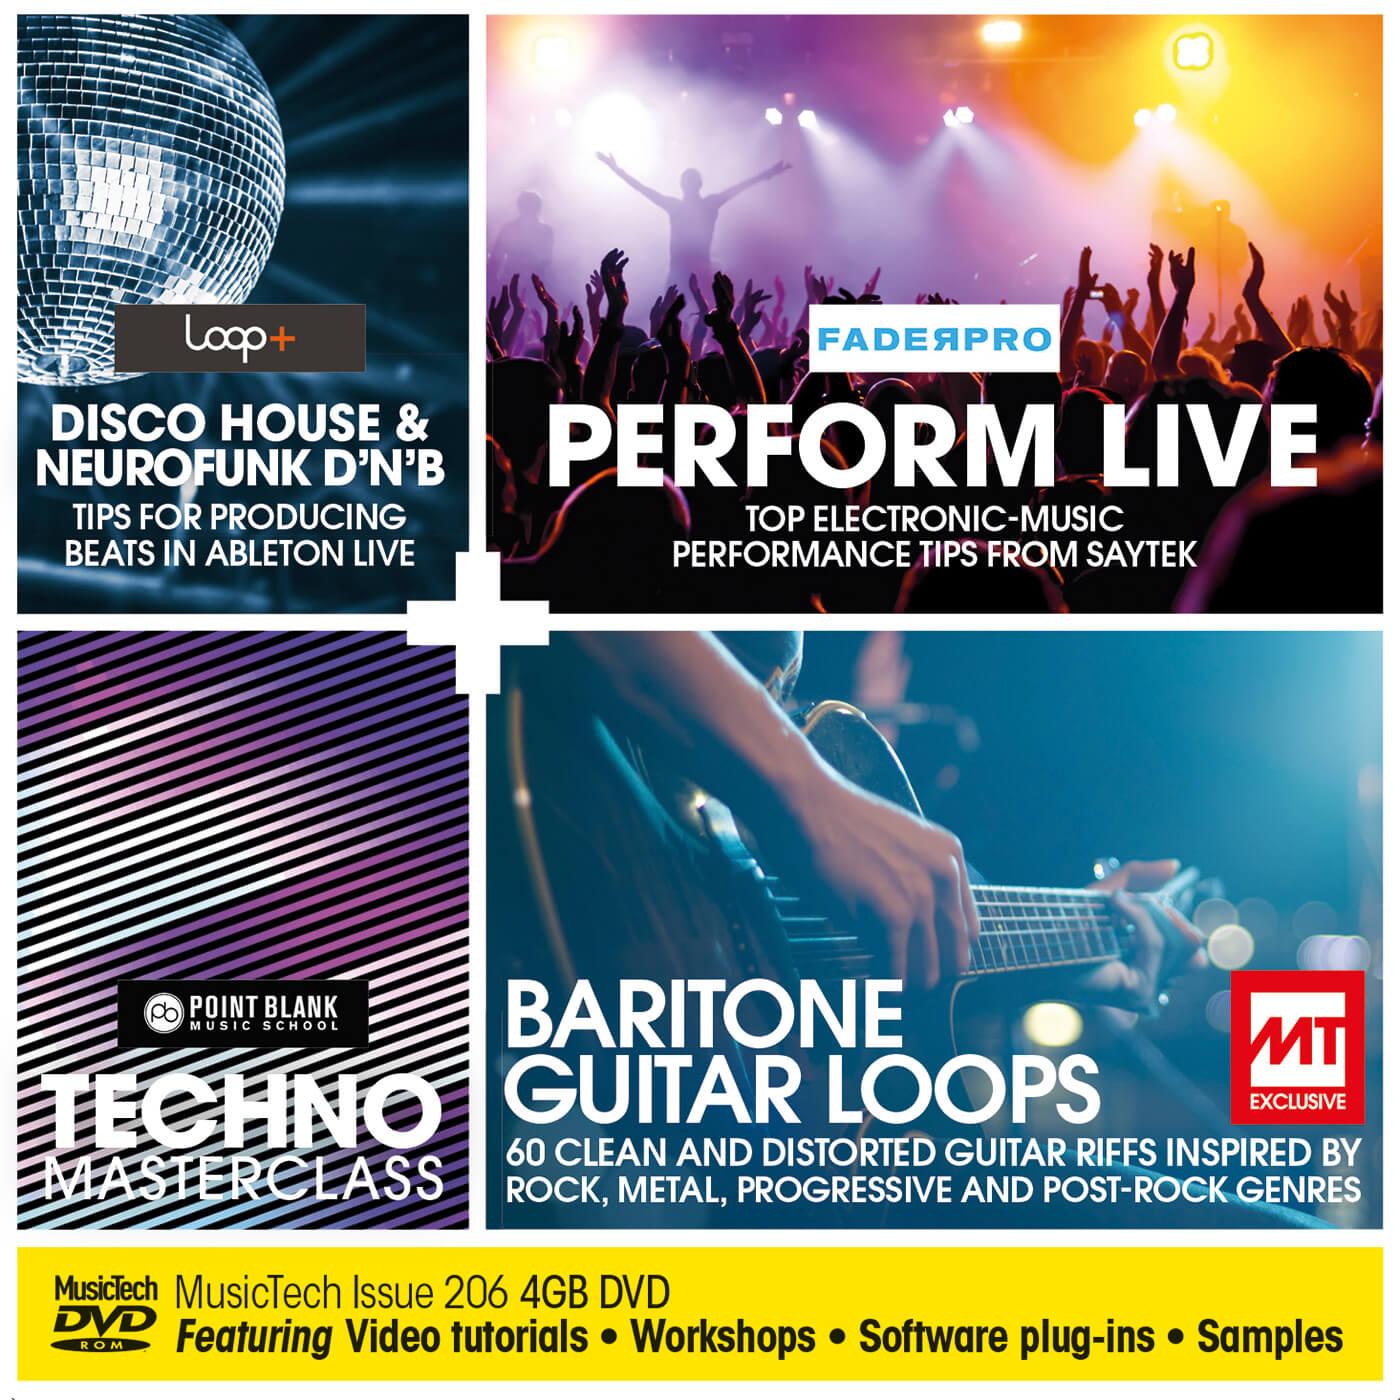 MusicTech issue 206 DVD